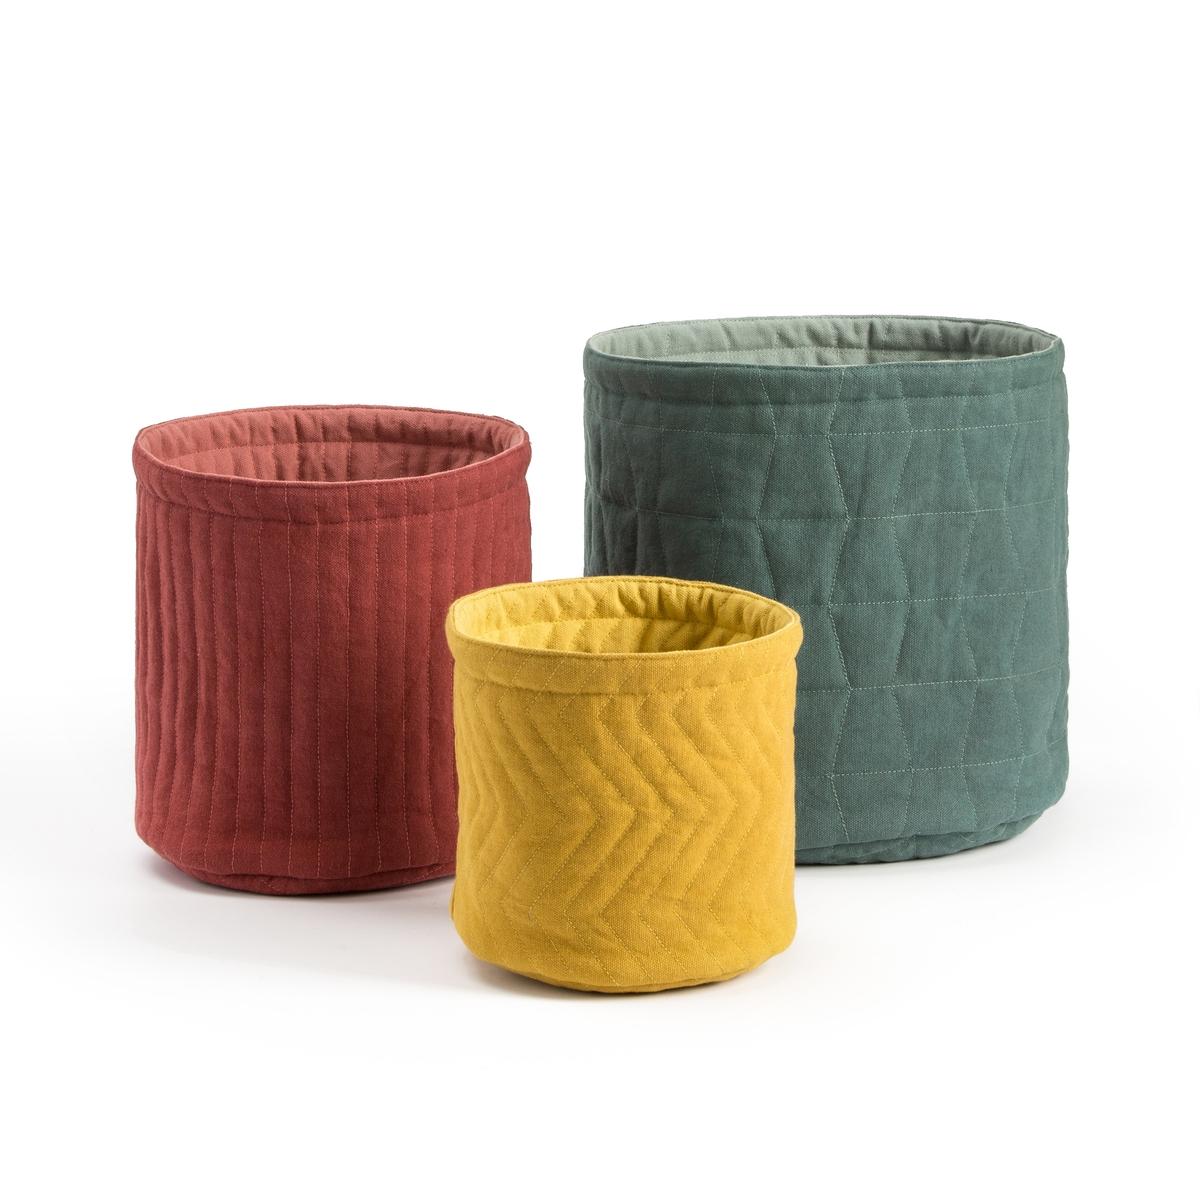 корзины составные из водного гиацинта 3 шт Комплект из 3 корзин из La Redoute Хлопка двухсторонних Issa единый размер разноцветный